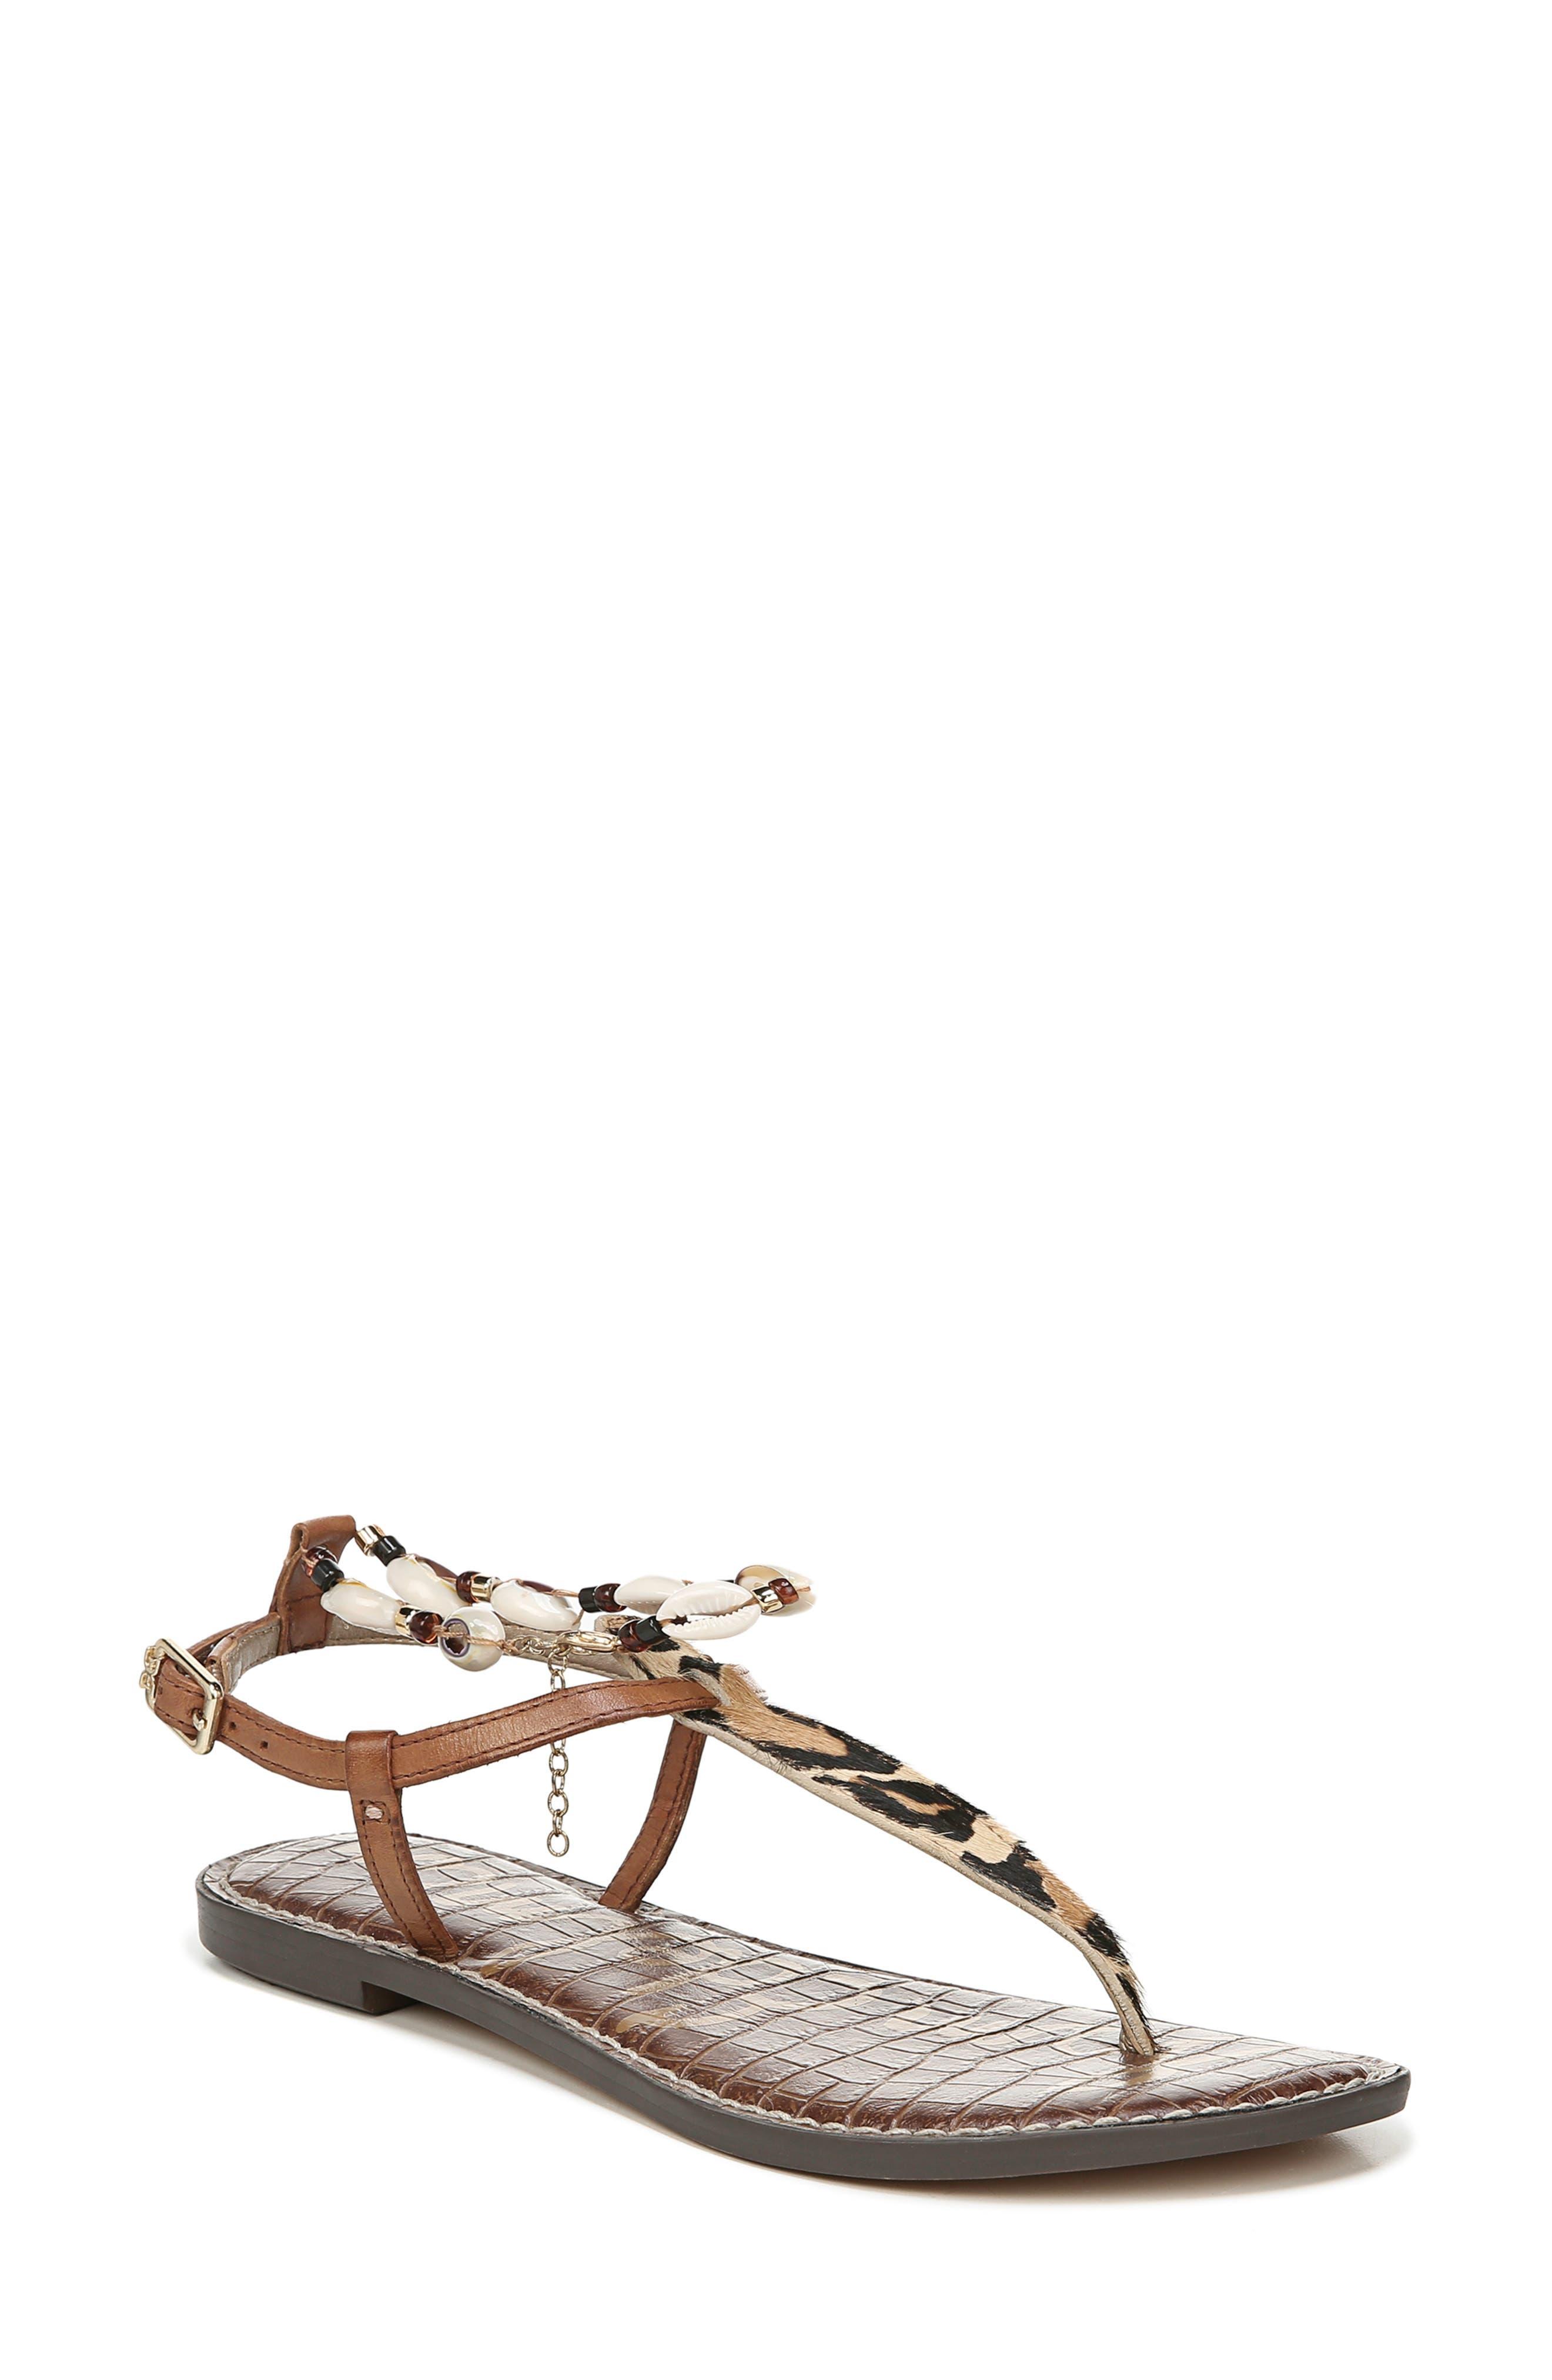 Sam Edelman Geena Anklet Sandal, Brown